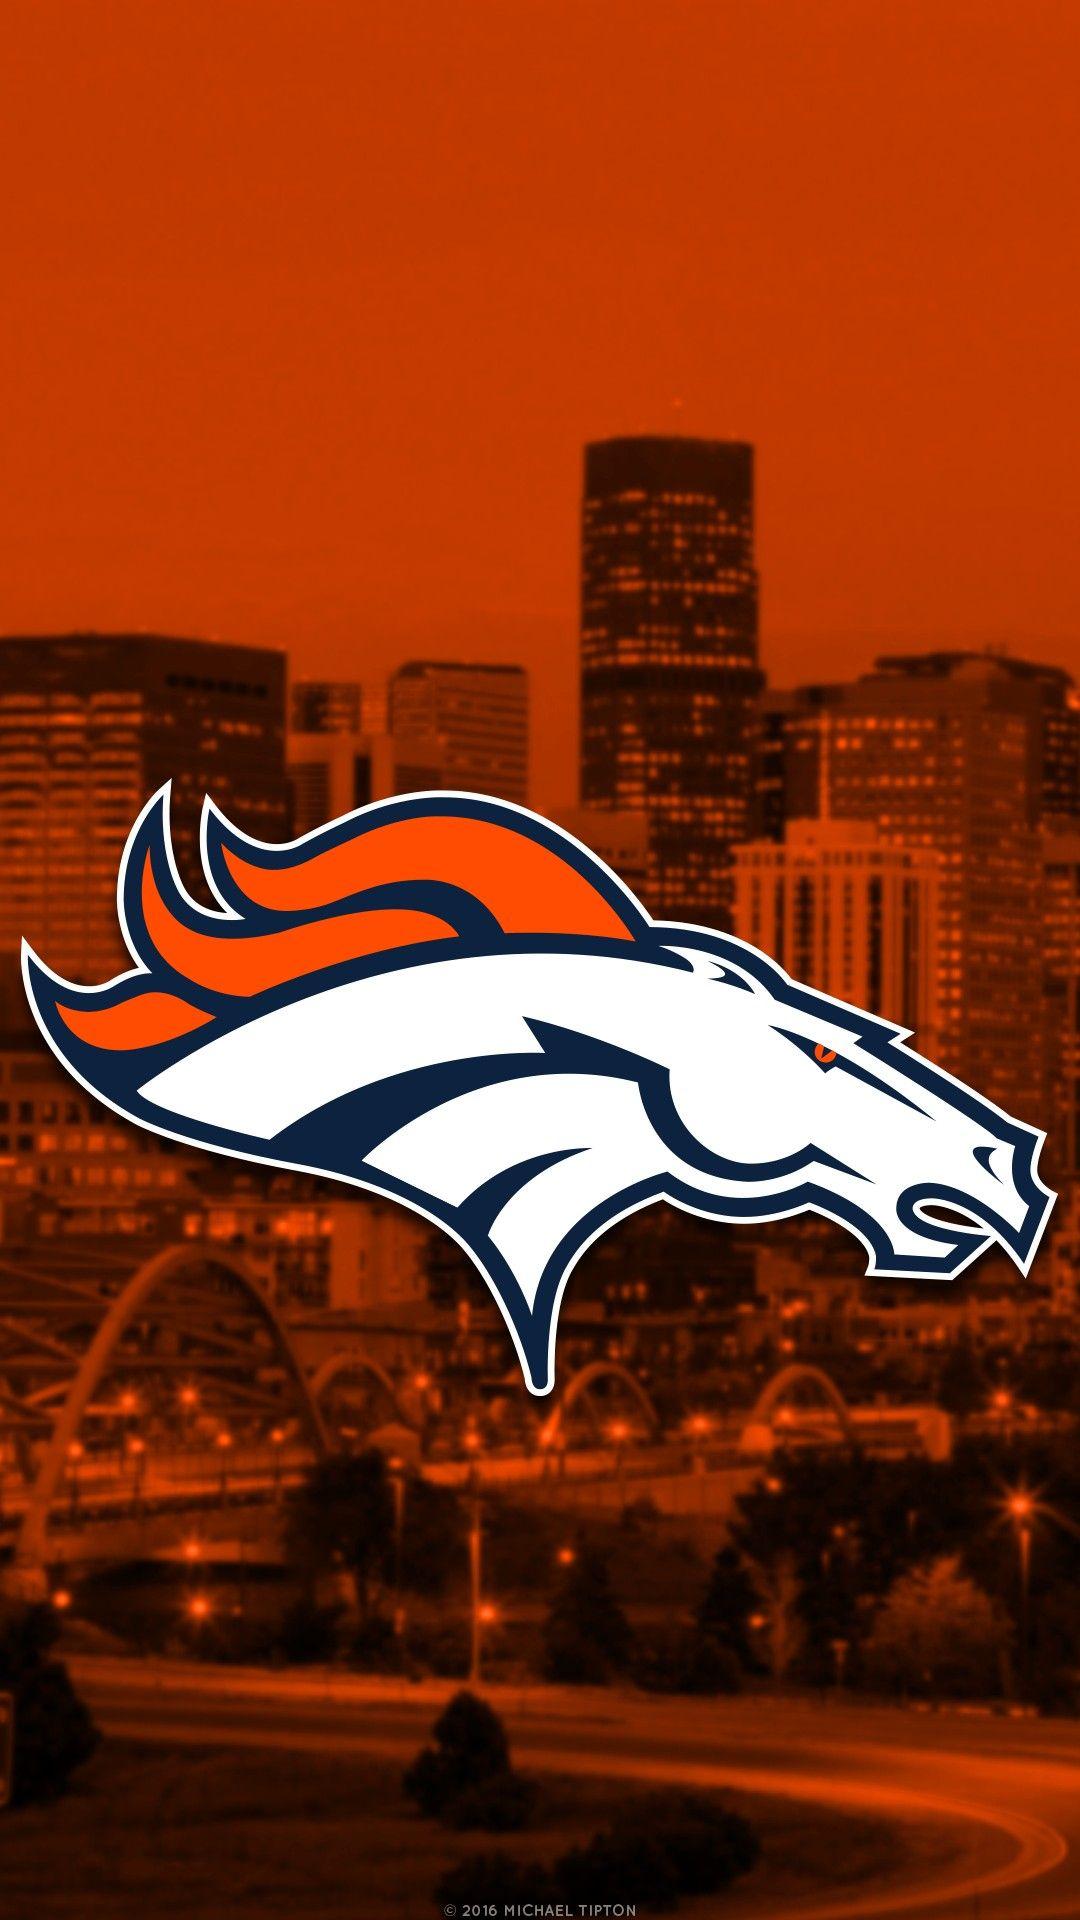 Beautiful Denver Broncos Wallpaper for Phone in 2020